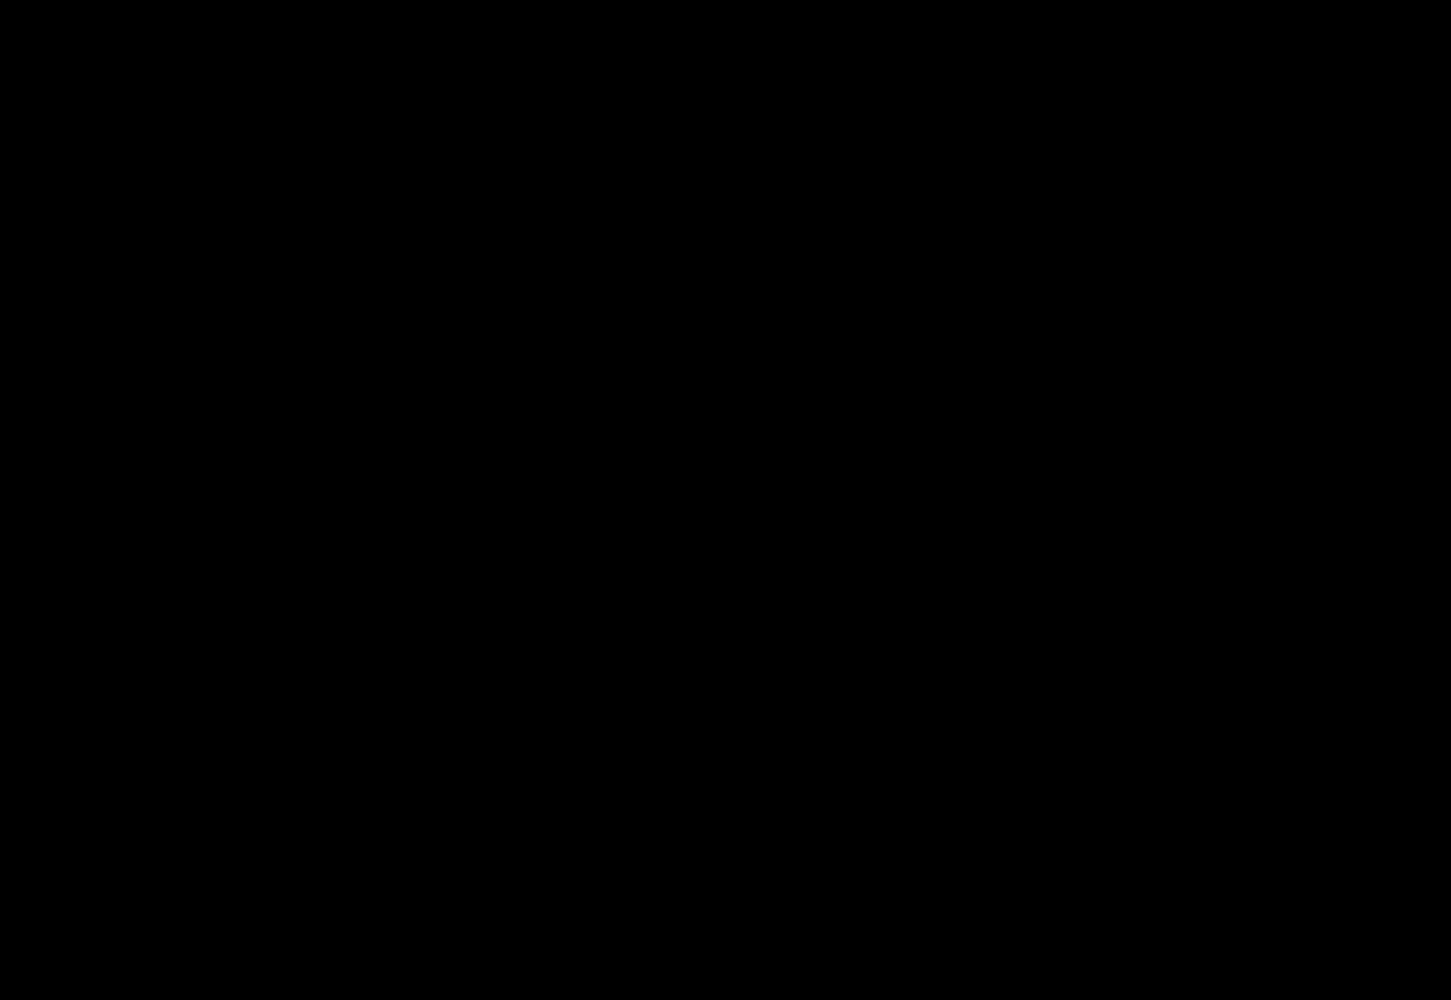 Левски се издъни срещу Етър, ЦСКА с инфарктна победа в Благоевград, Лудогорец би спокойно Черно море